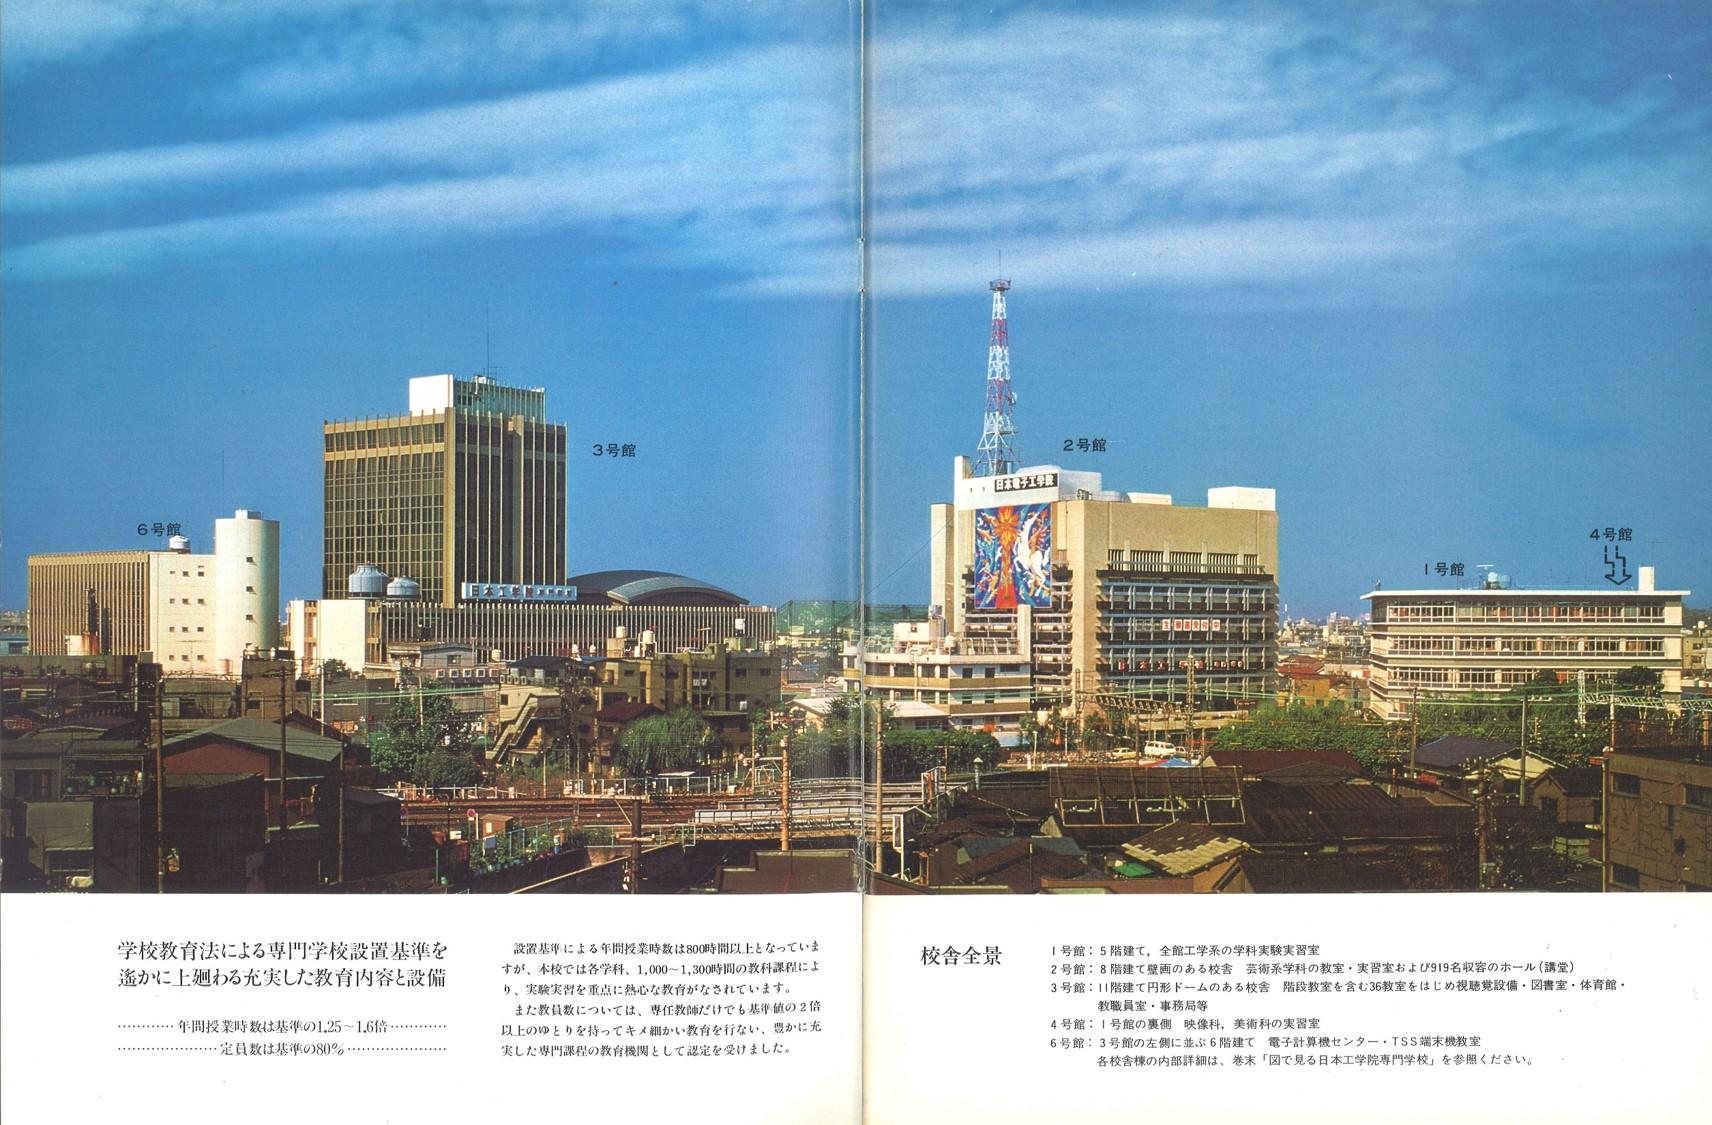 日本電子工学院から日本工学院になったころの入学案内